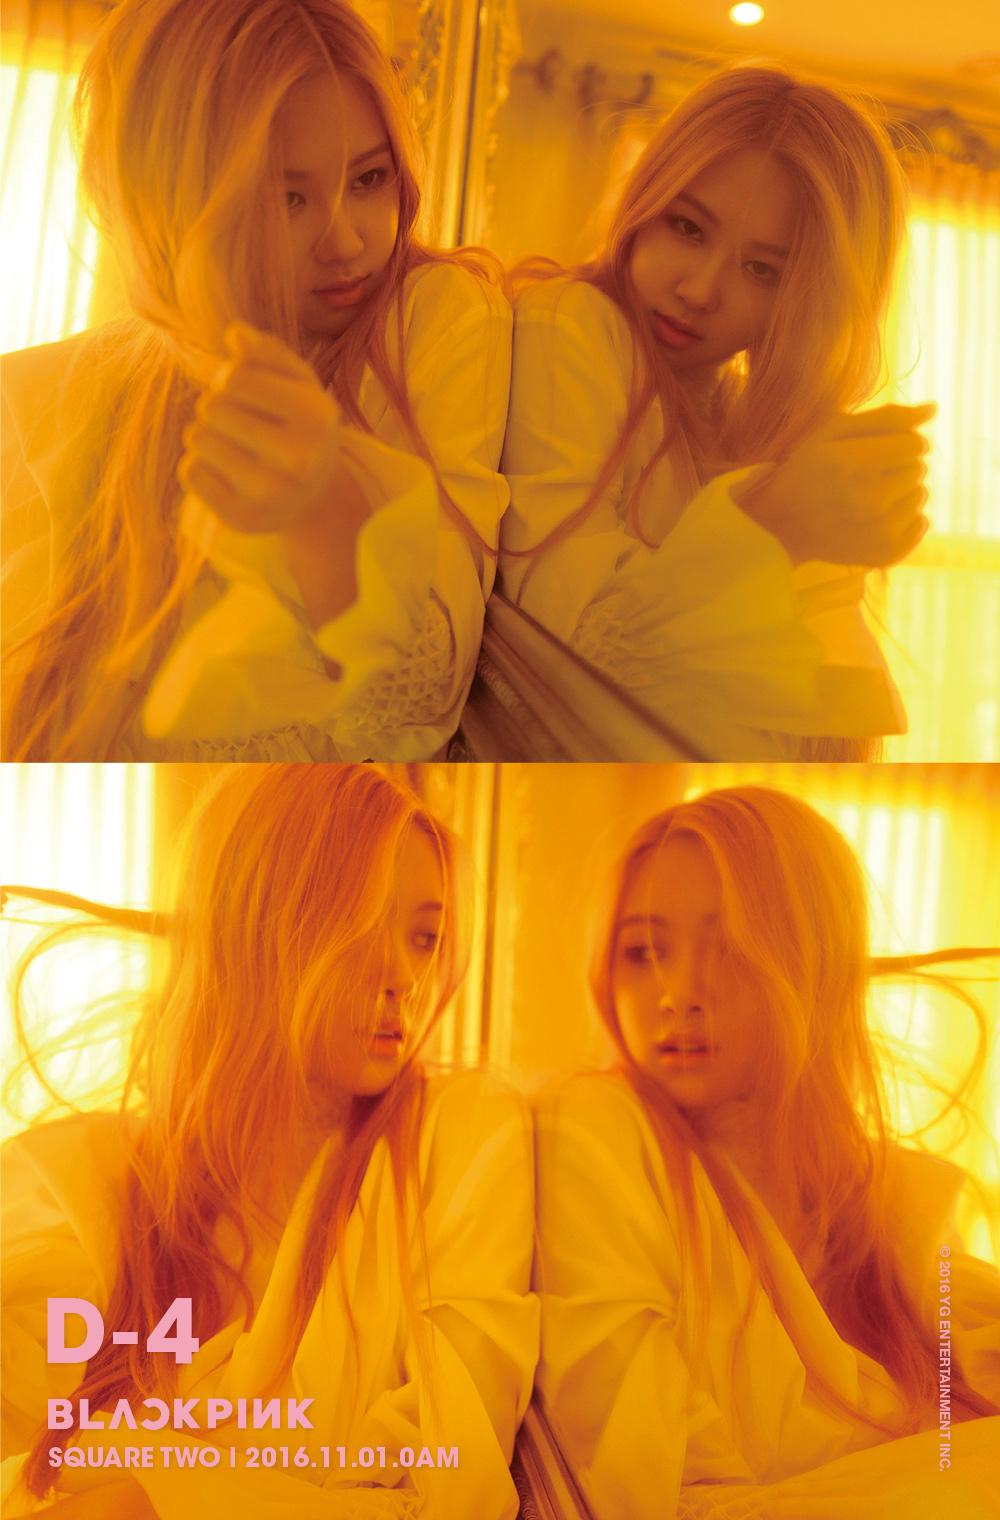 Blackpink Drops Ambient New Comeback Teasers Soompi